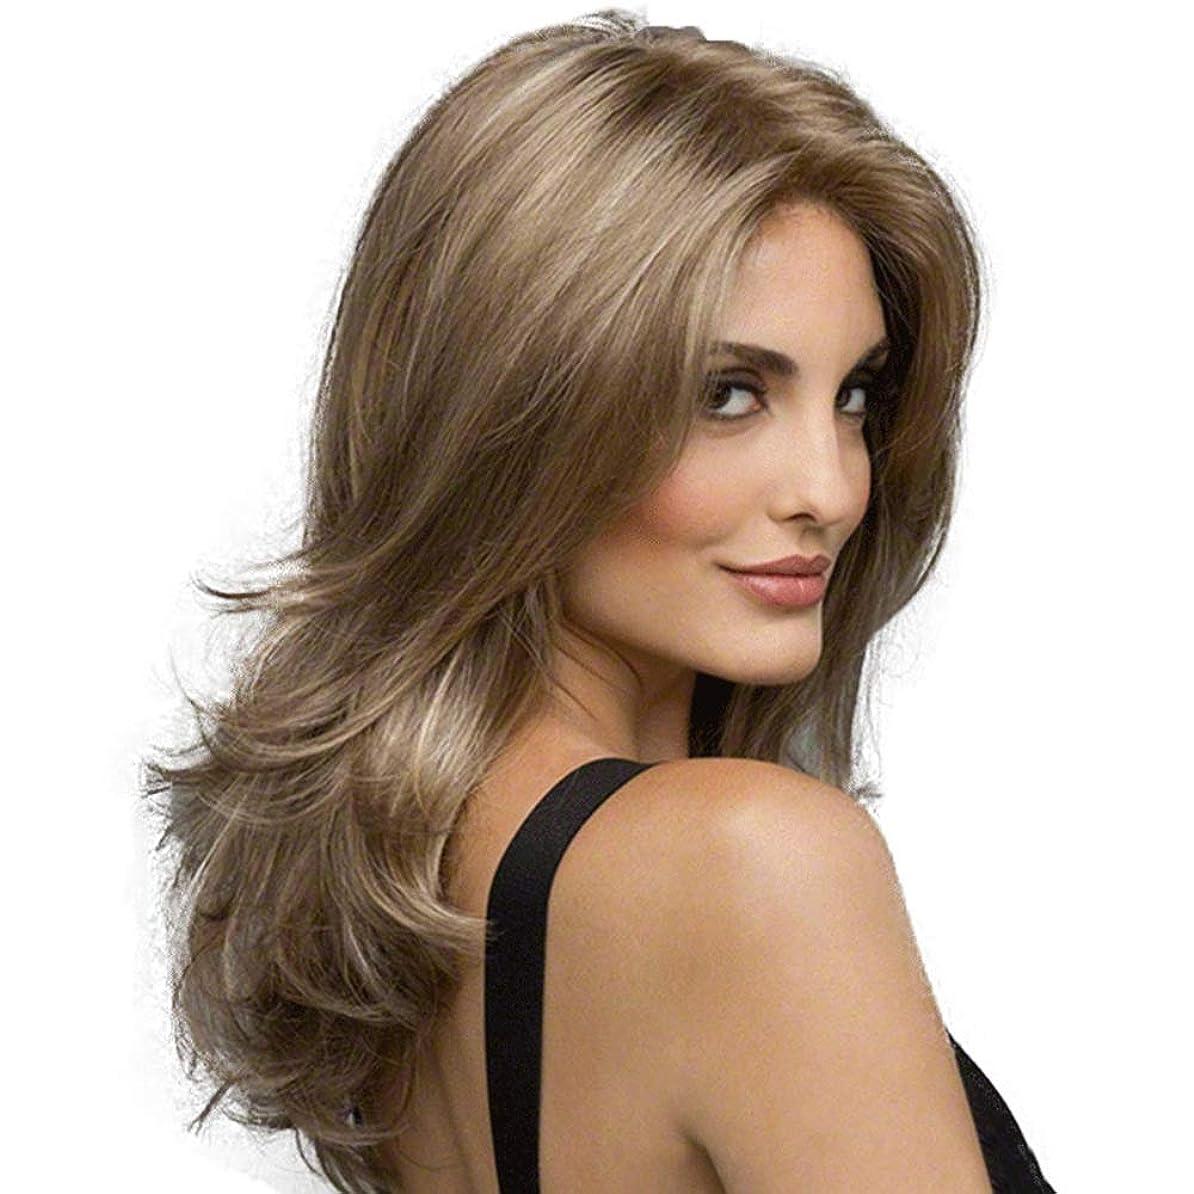 プランテーション豊富冷蔵庫女性の長い巻き毛の波状の髪のかつら22インチ魅力的な自然な人間の髪のかつら熱にやさしい人工毛交換かつらハロウィンコスプレ衣装アニメパーティーかつら (Color : Linen brown)